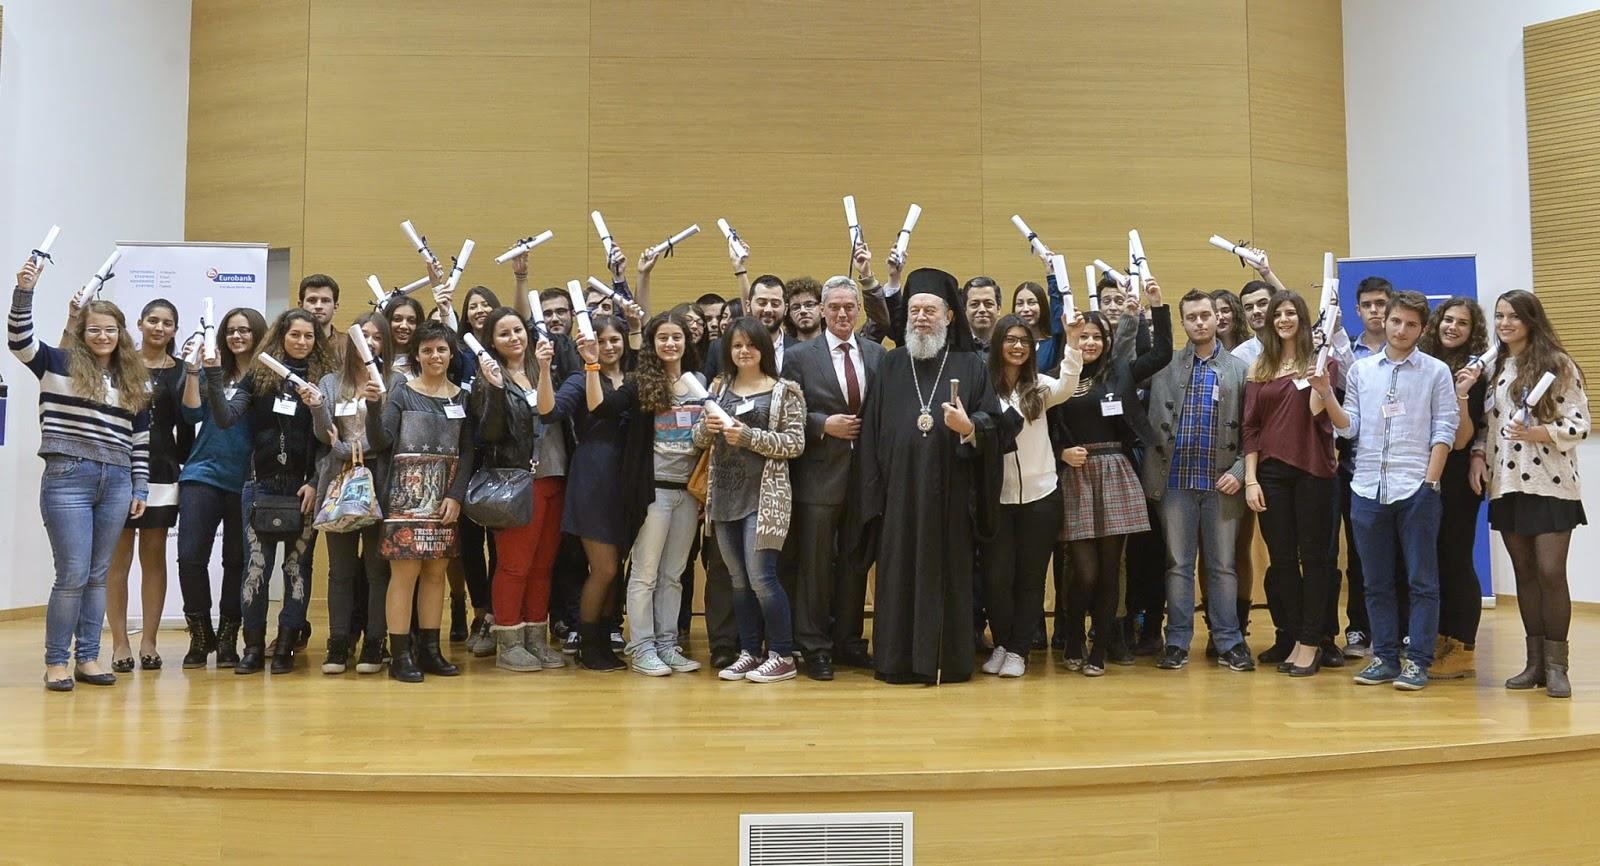 Χαλκίδα: Βράβευση αριστούχων μαθητών απο τη Eurobank